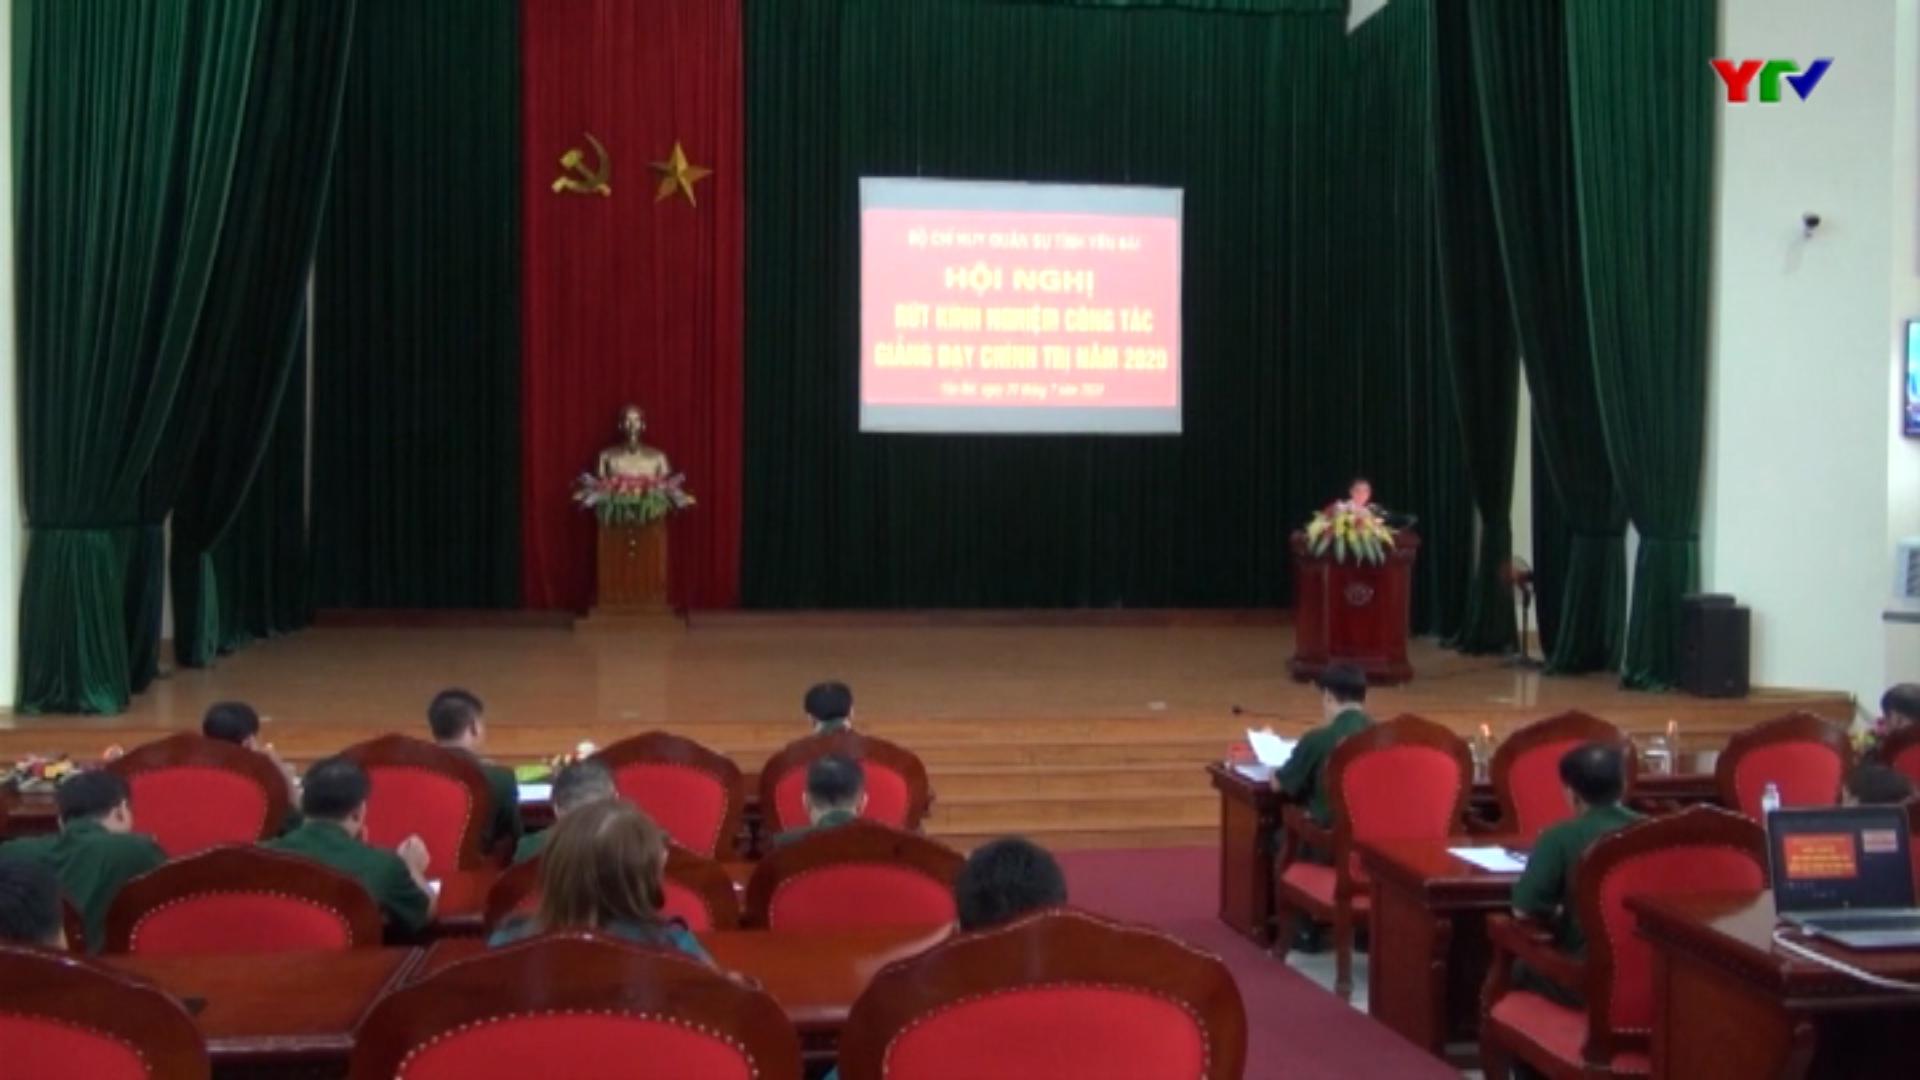 Bộ CHQS tỉnh rút kinh nghiệm công tác giáo dục và giảng dạy chính trị năm 2020